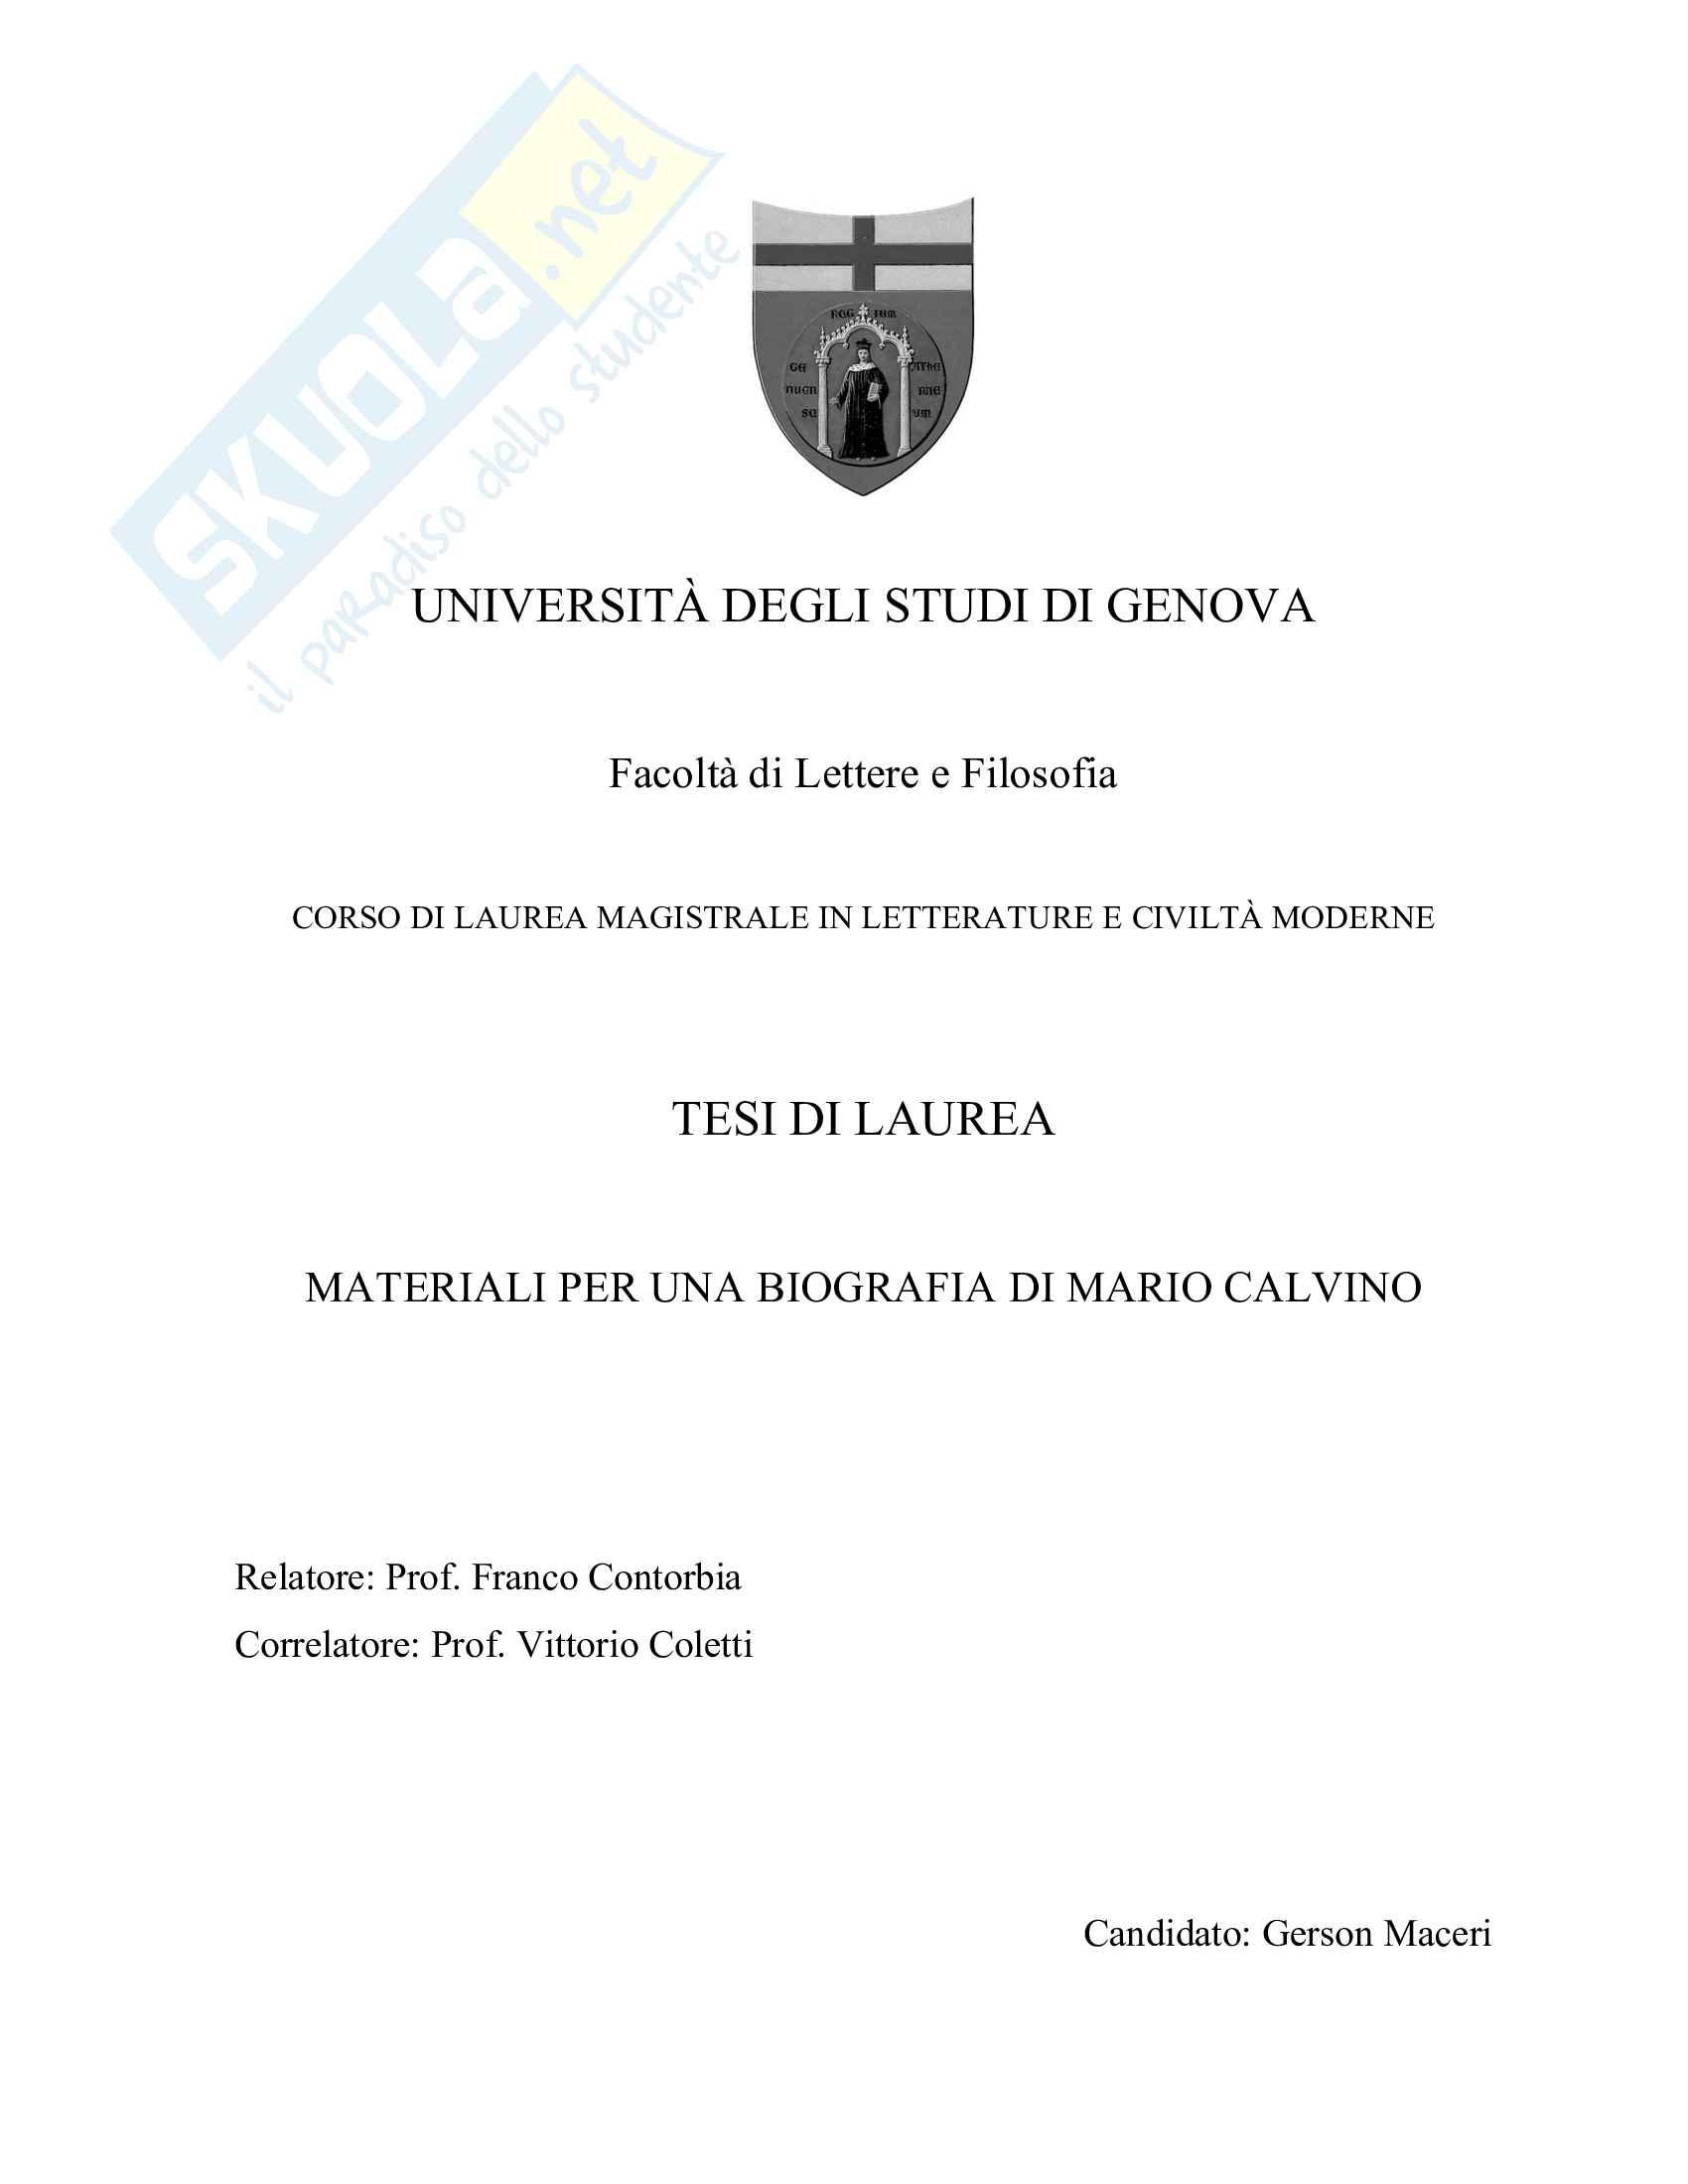 Tesi, Materiali per una biografia di Mario Calvino Pag. 1